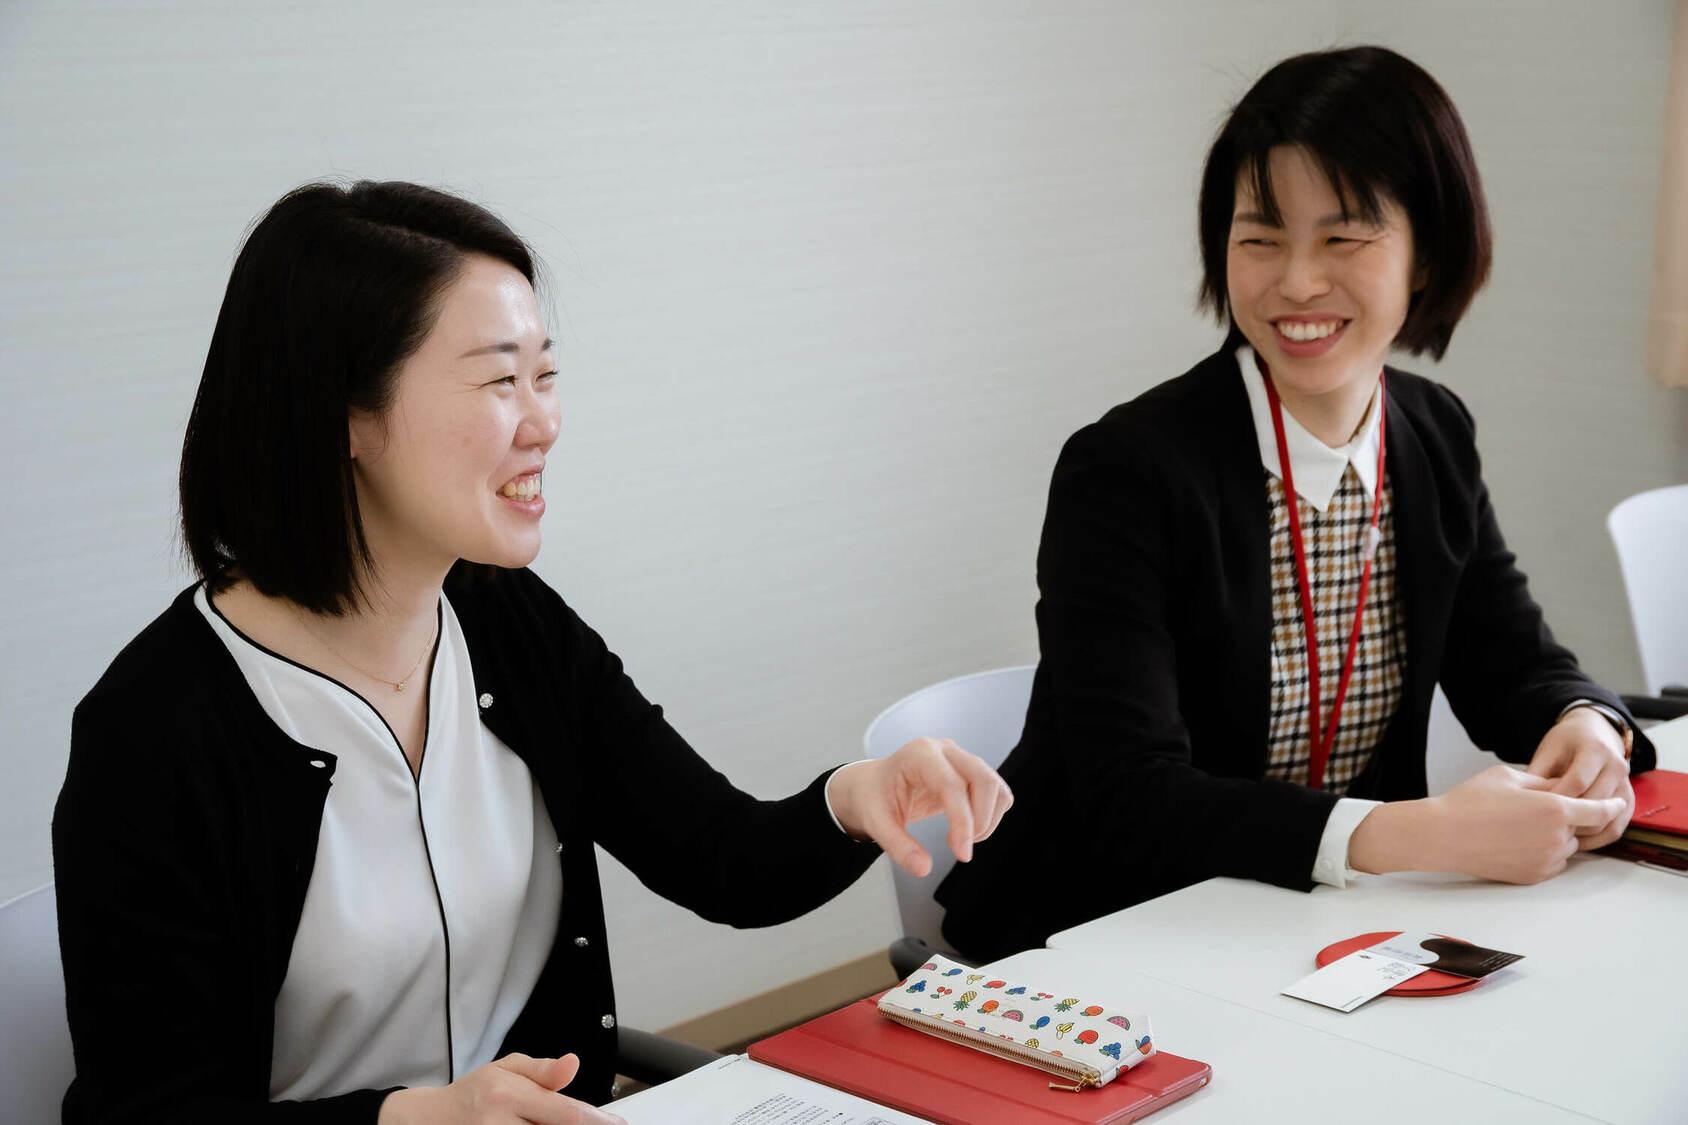 山崎学園 富士見中学高等学校 三浦佳奈先生 宗愛子先生 会話